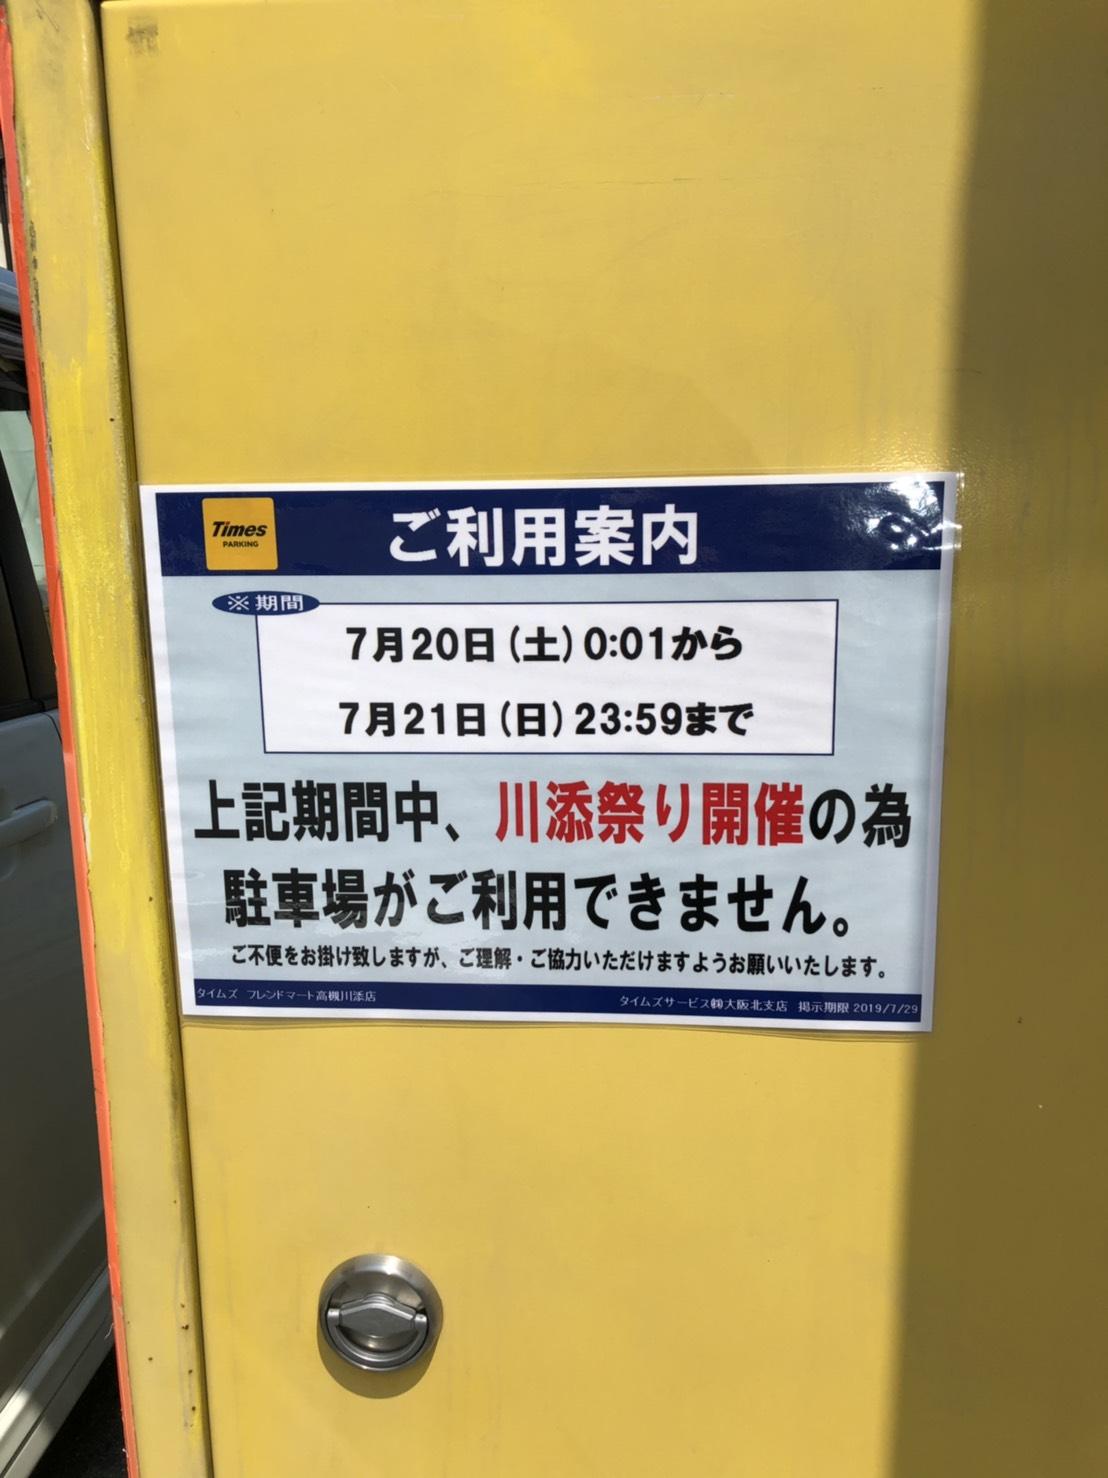 ★フレンドマート高槻川添店★